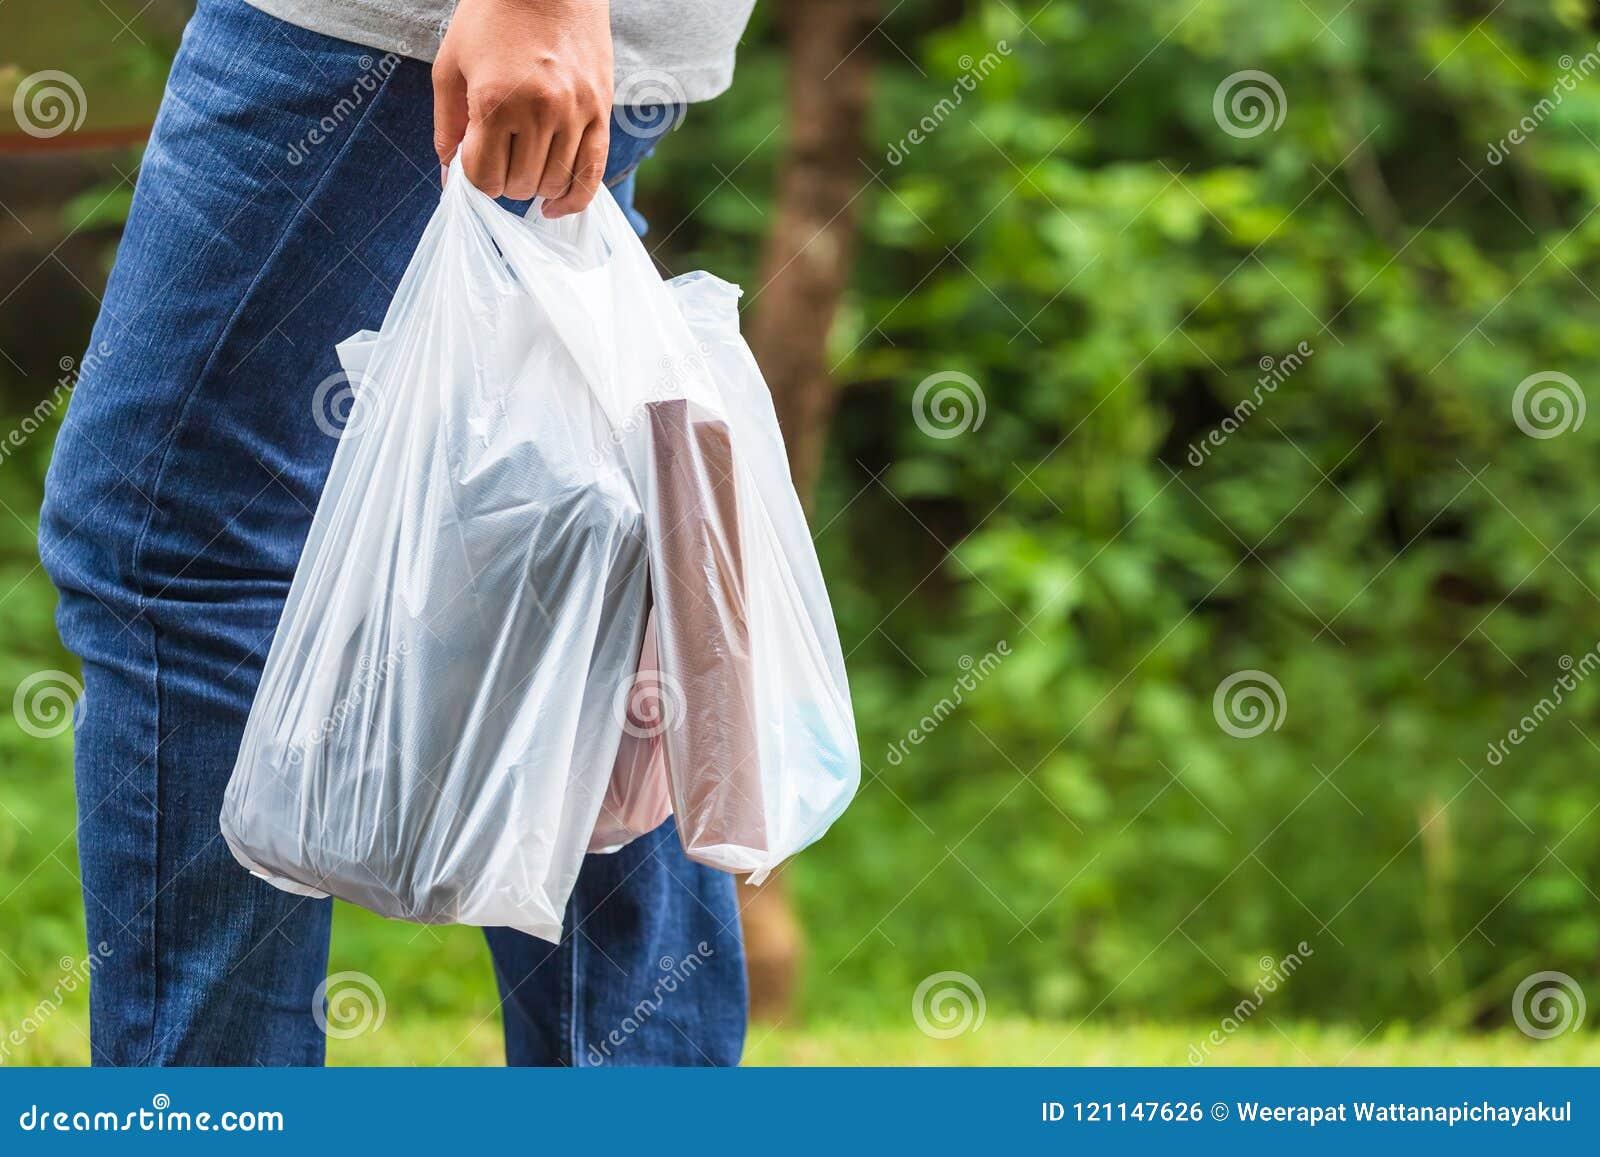 Πλαστικές τσάντες εκμετάλλευσης